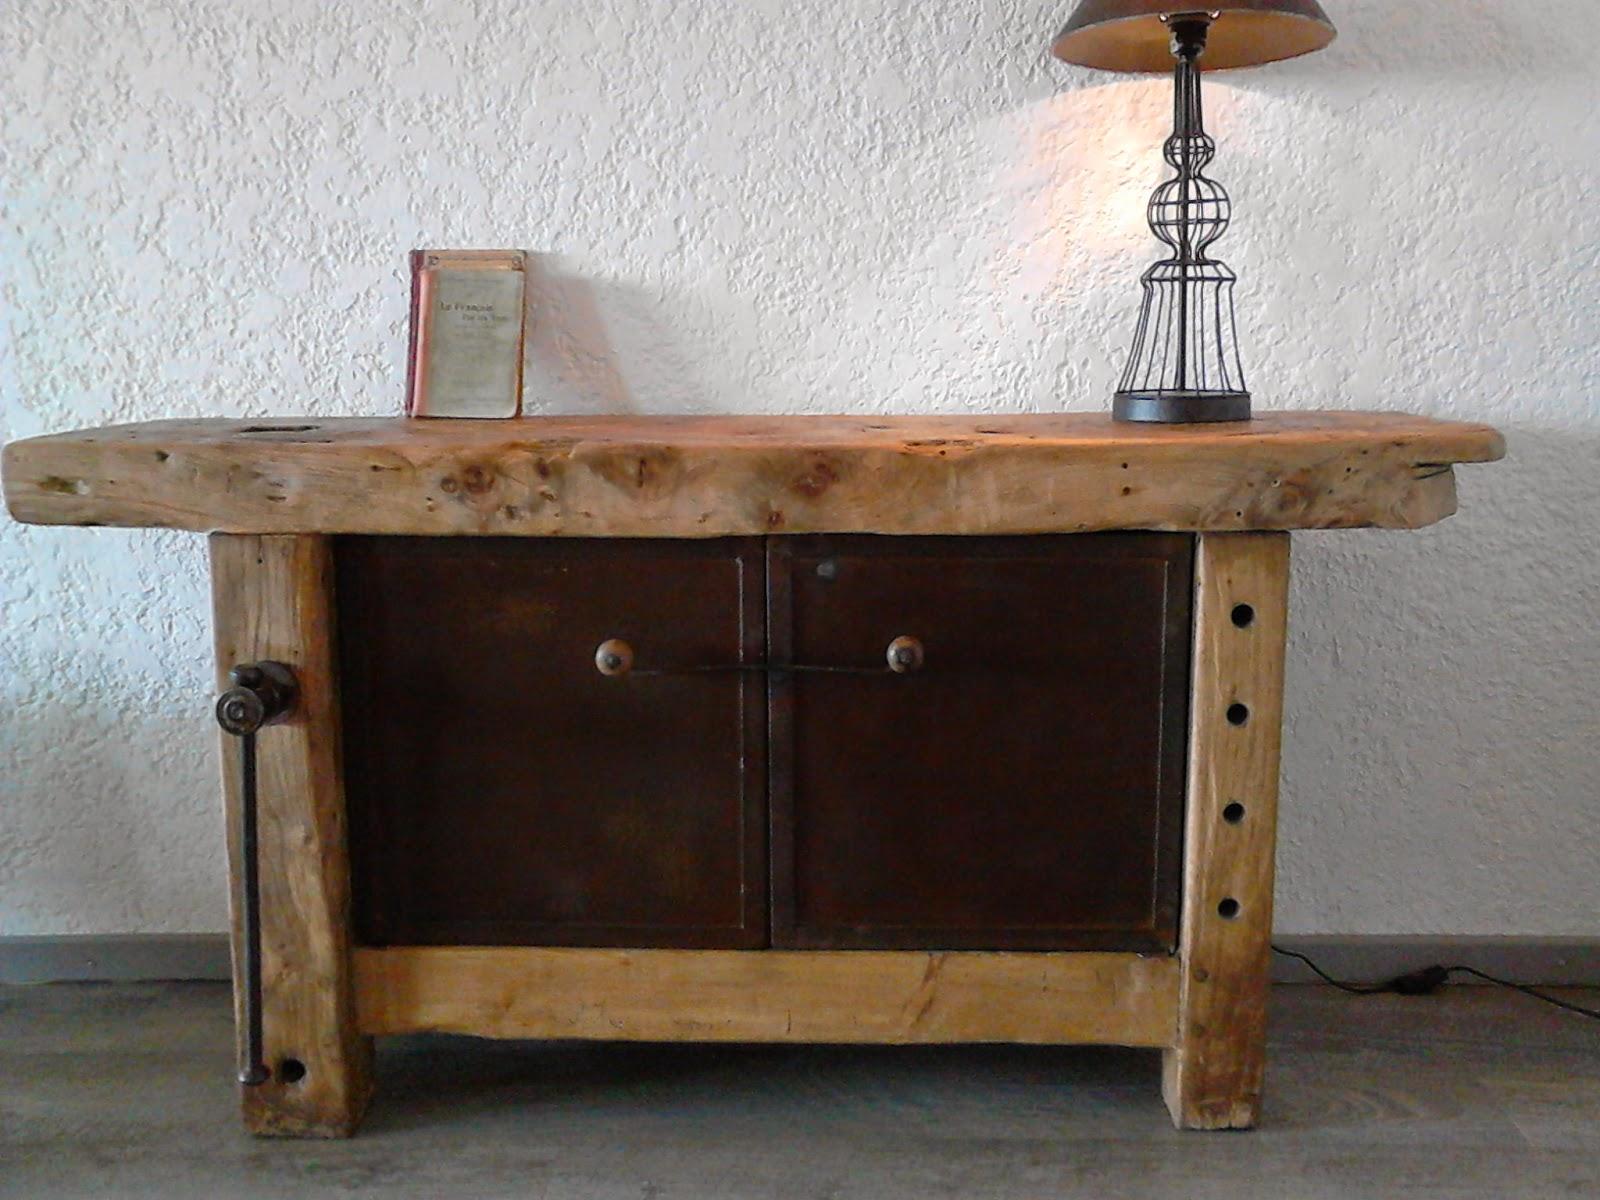 Meubles et objets de d coration style industriel etabli de menuisier - Restauration meuble industriel ...